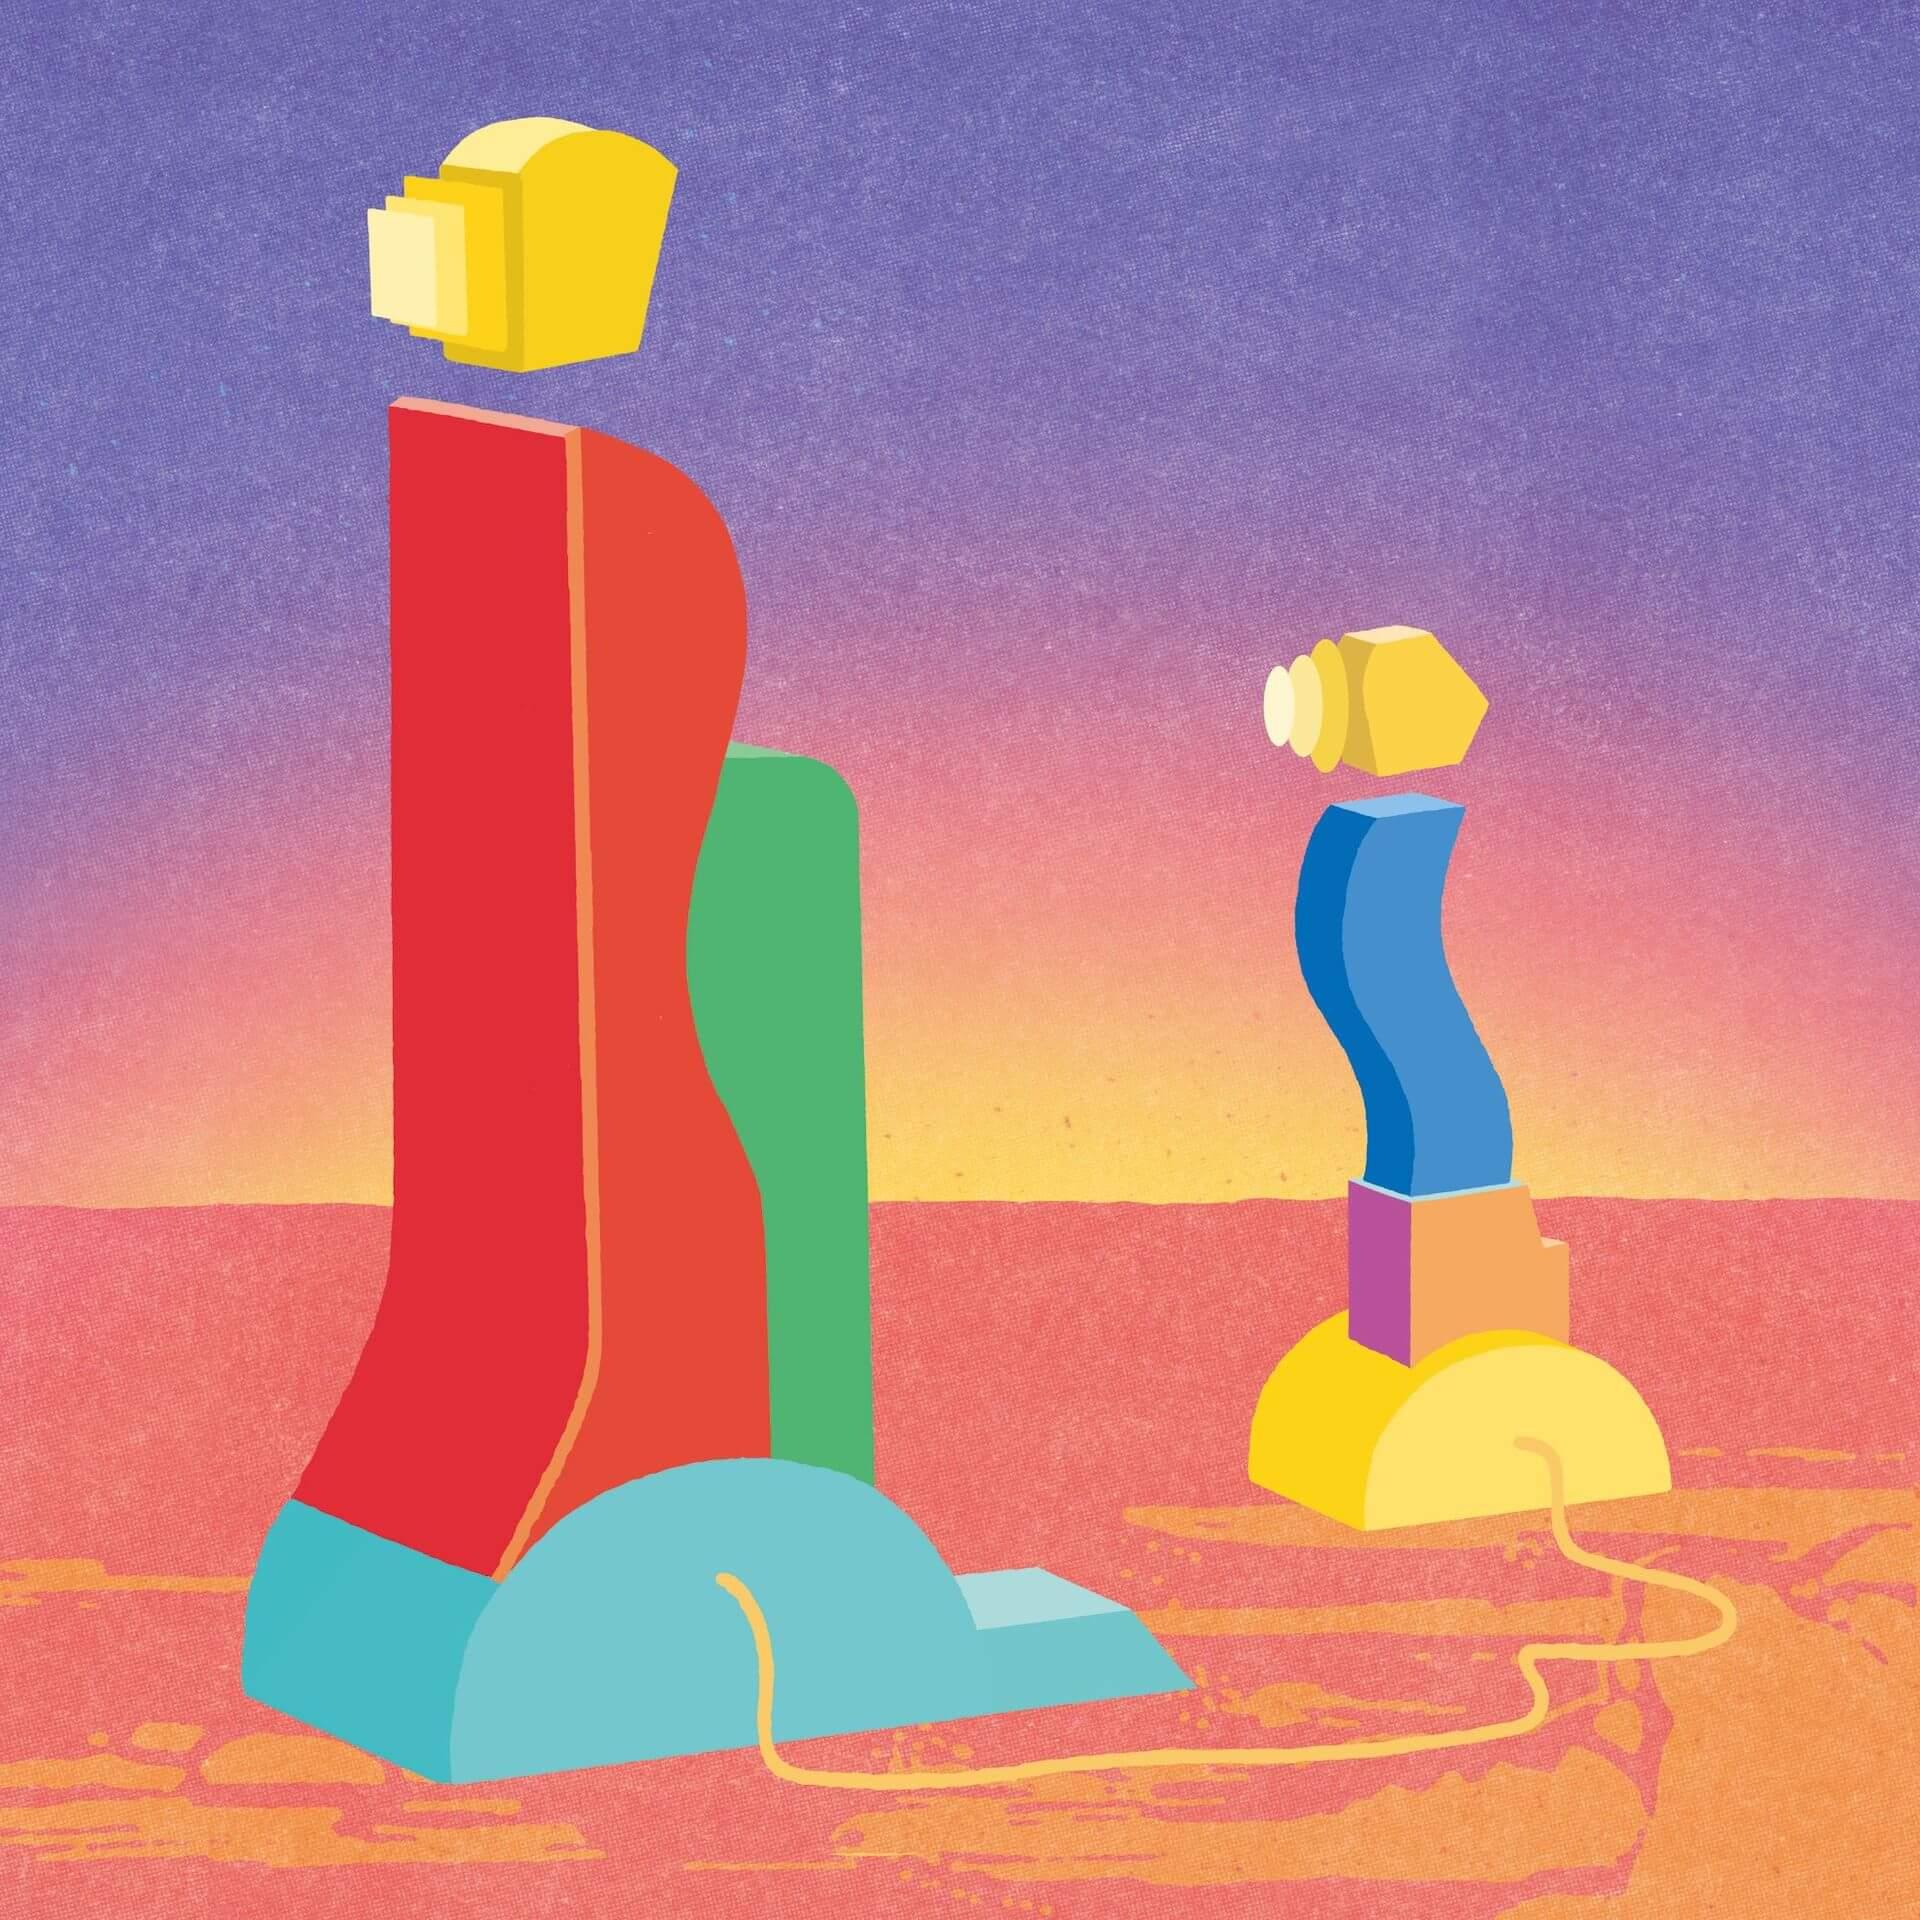 """『大豆田とわ子と三人の元夫』主題歌""""Presence V(feat. T-Pablow)""""が配信リリース!アルバムにNENE、BIM、KID FRESINO、Daichi Yamamotoも参加のリミックス収録 music210616_ohmamedatowako_2"""